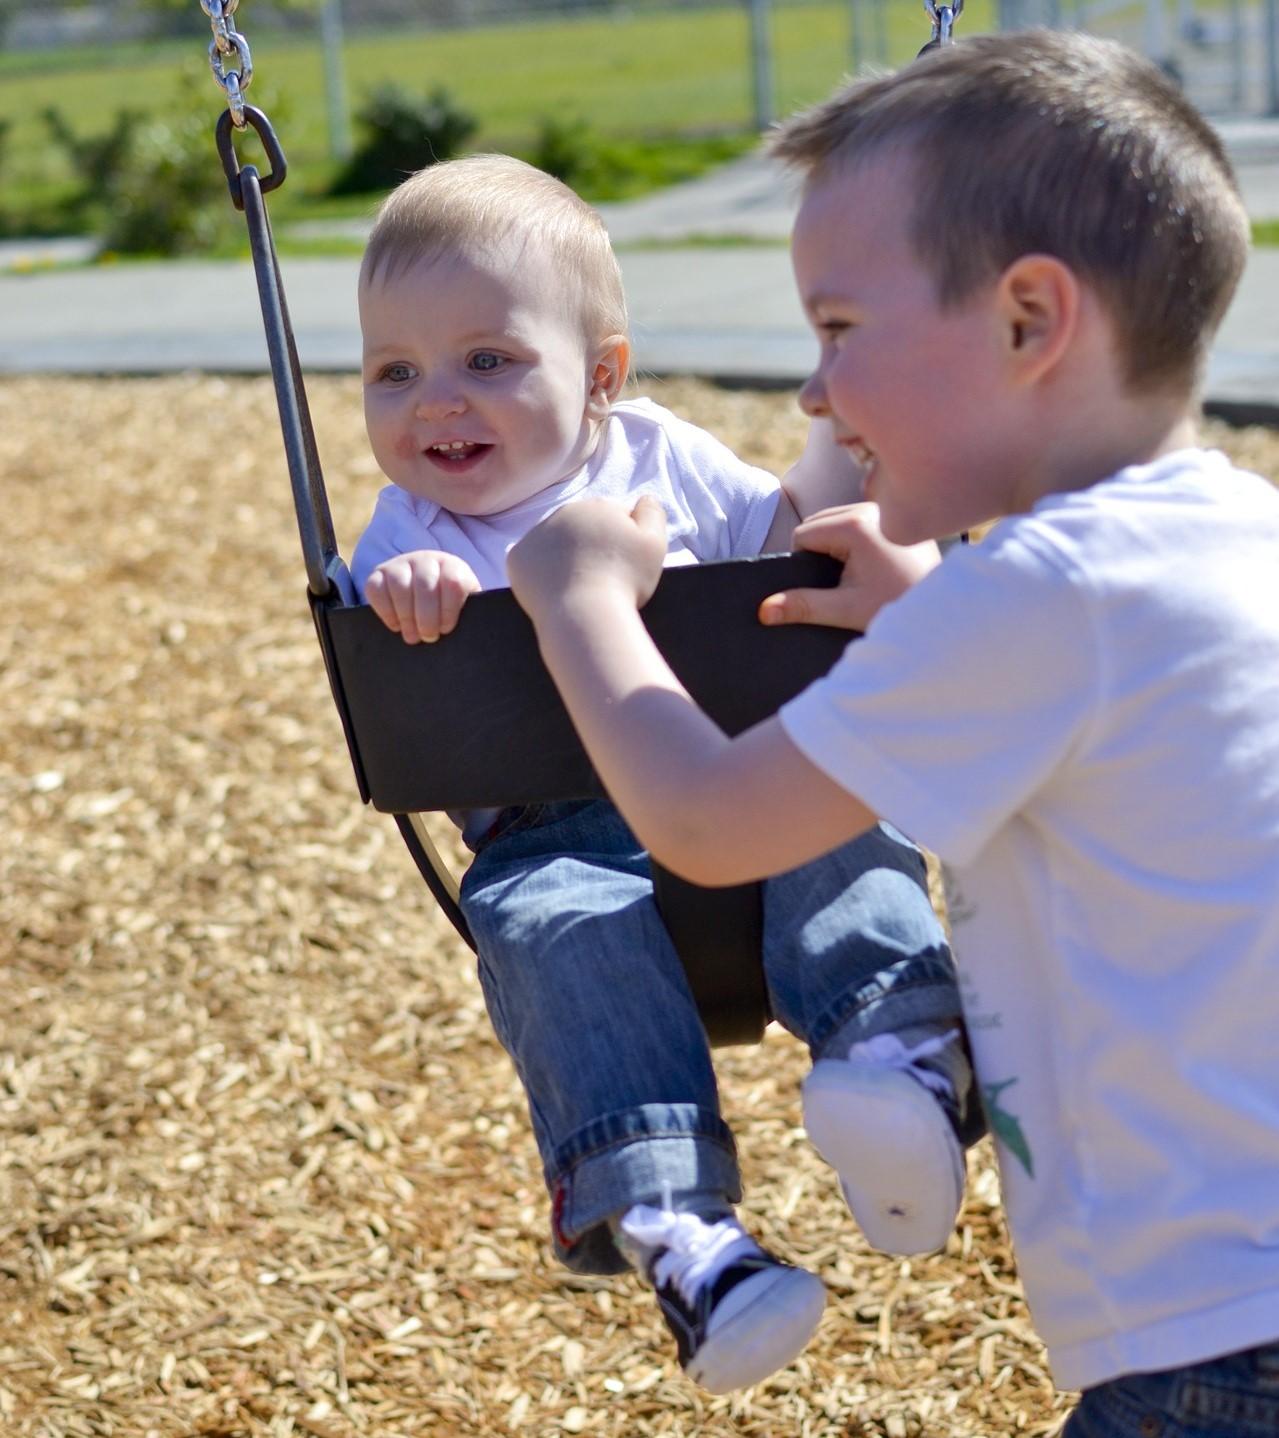 swing-1388554_1920.jpg